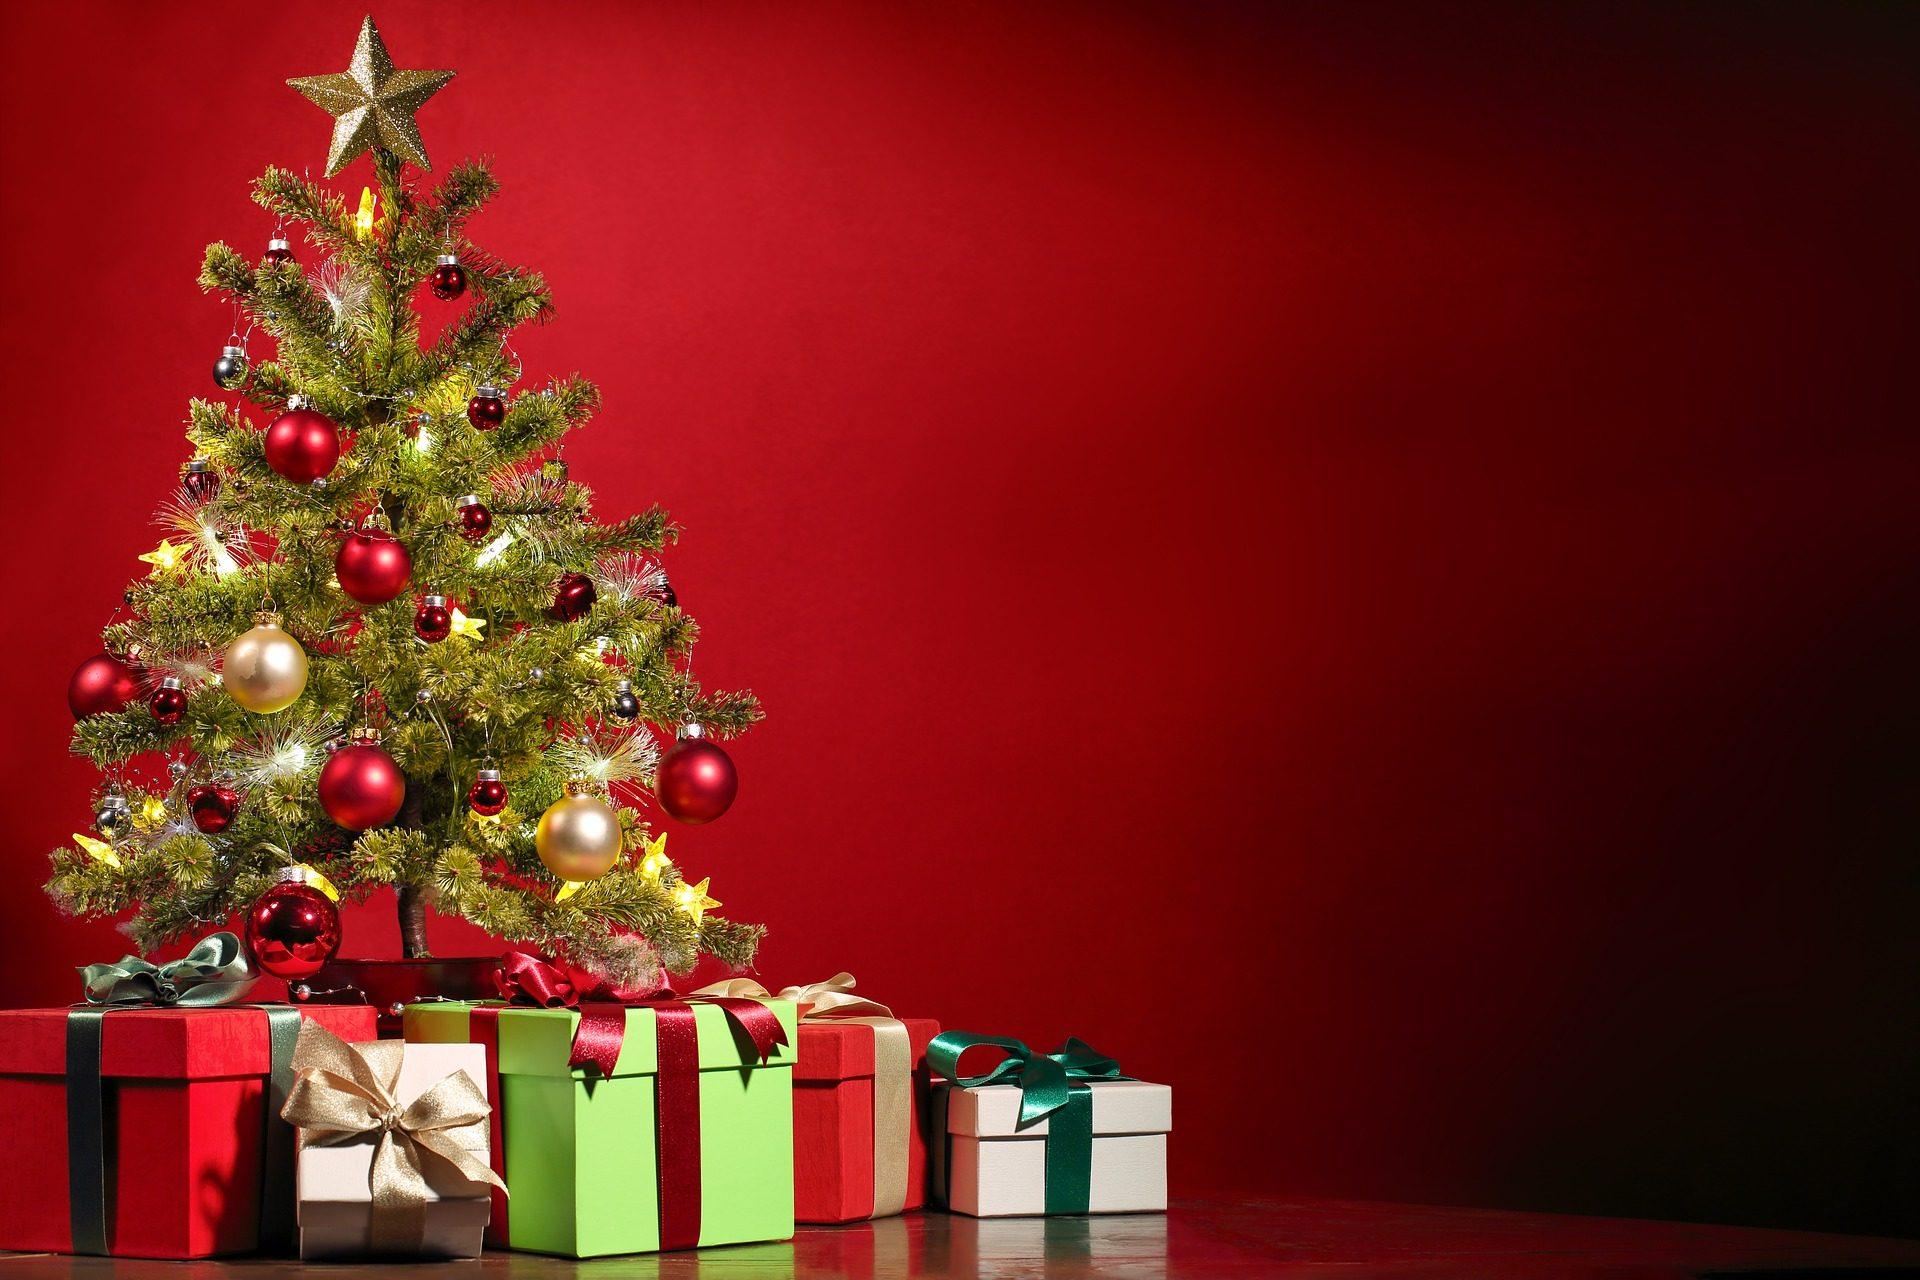 Albero Di Natale Hd.Oroscopo L Albero Di Natale Perfetto Per Il Tuo Segno Zodiacale